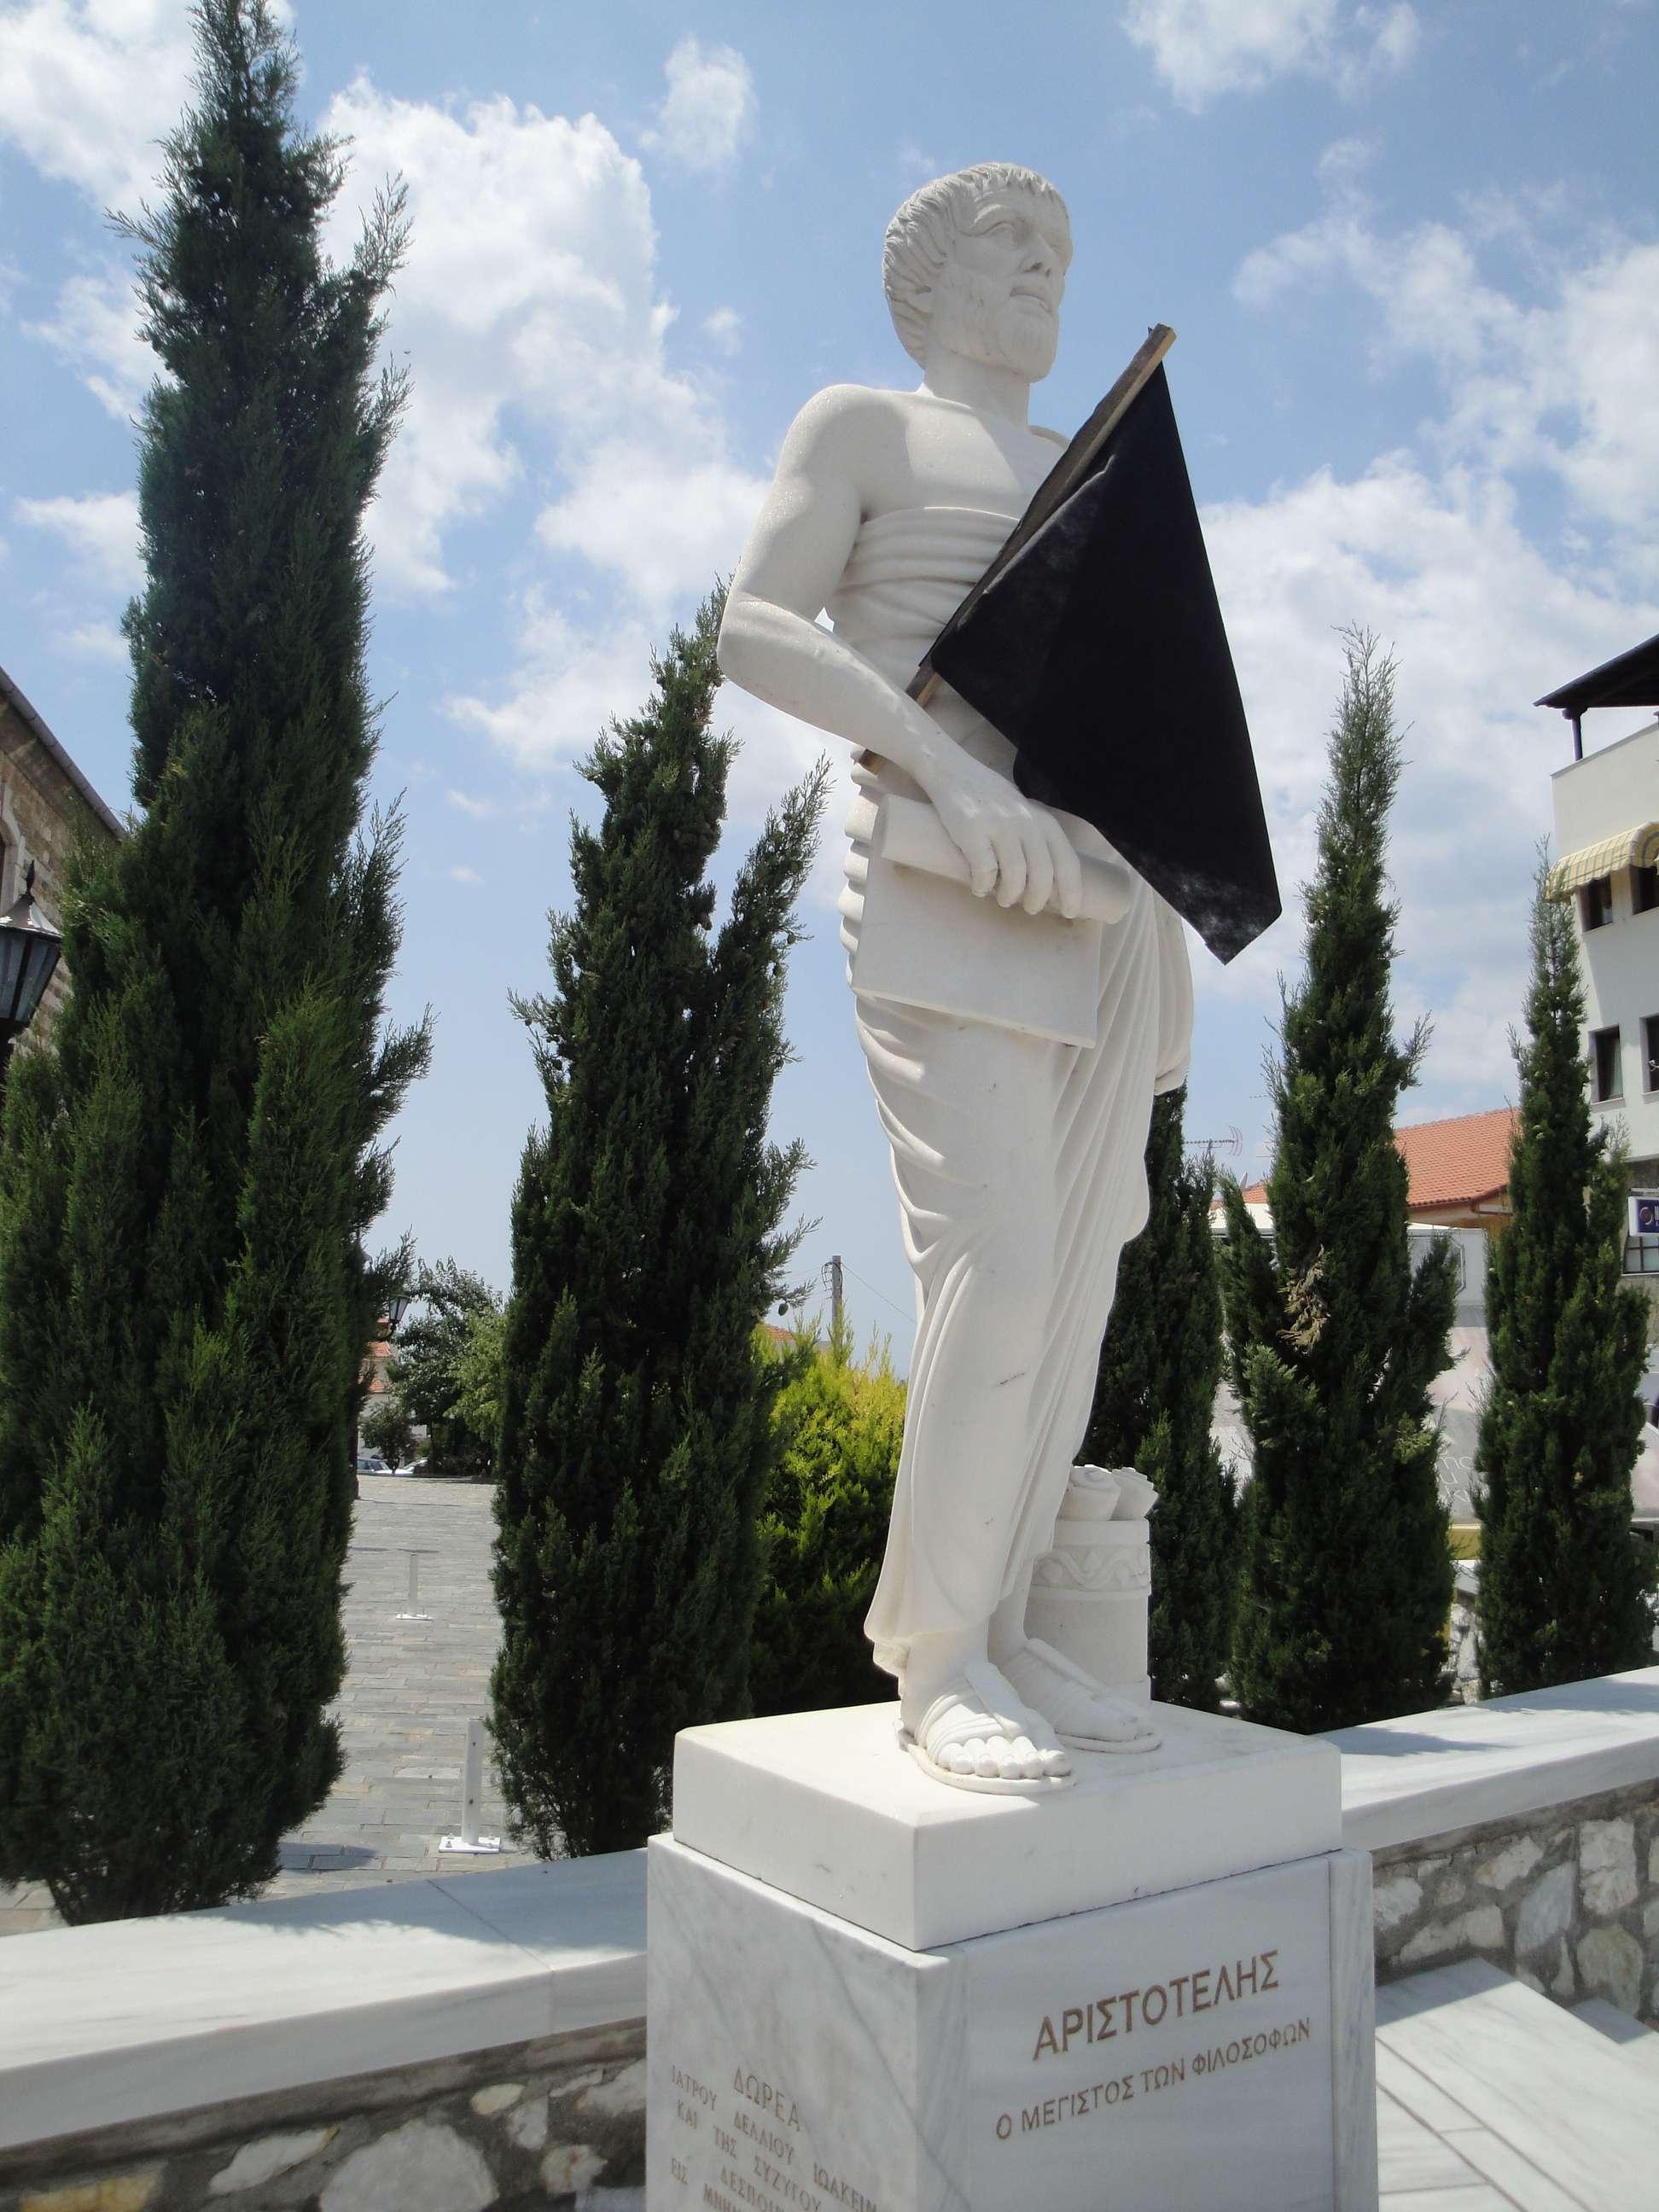 Ο Αριστοτέλης με μαύρη σημαία.